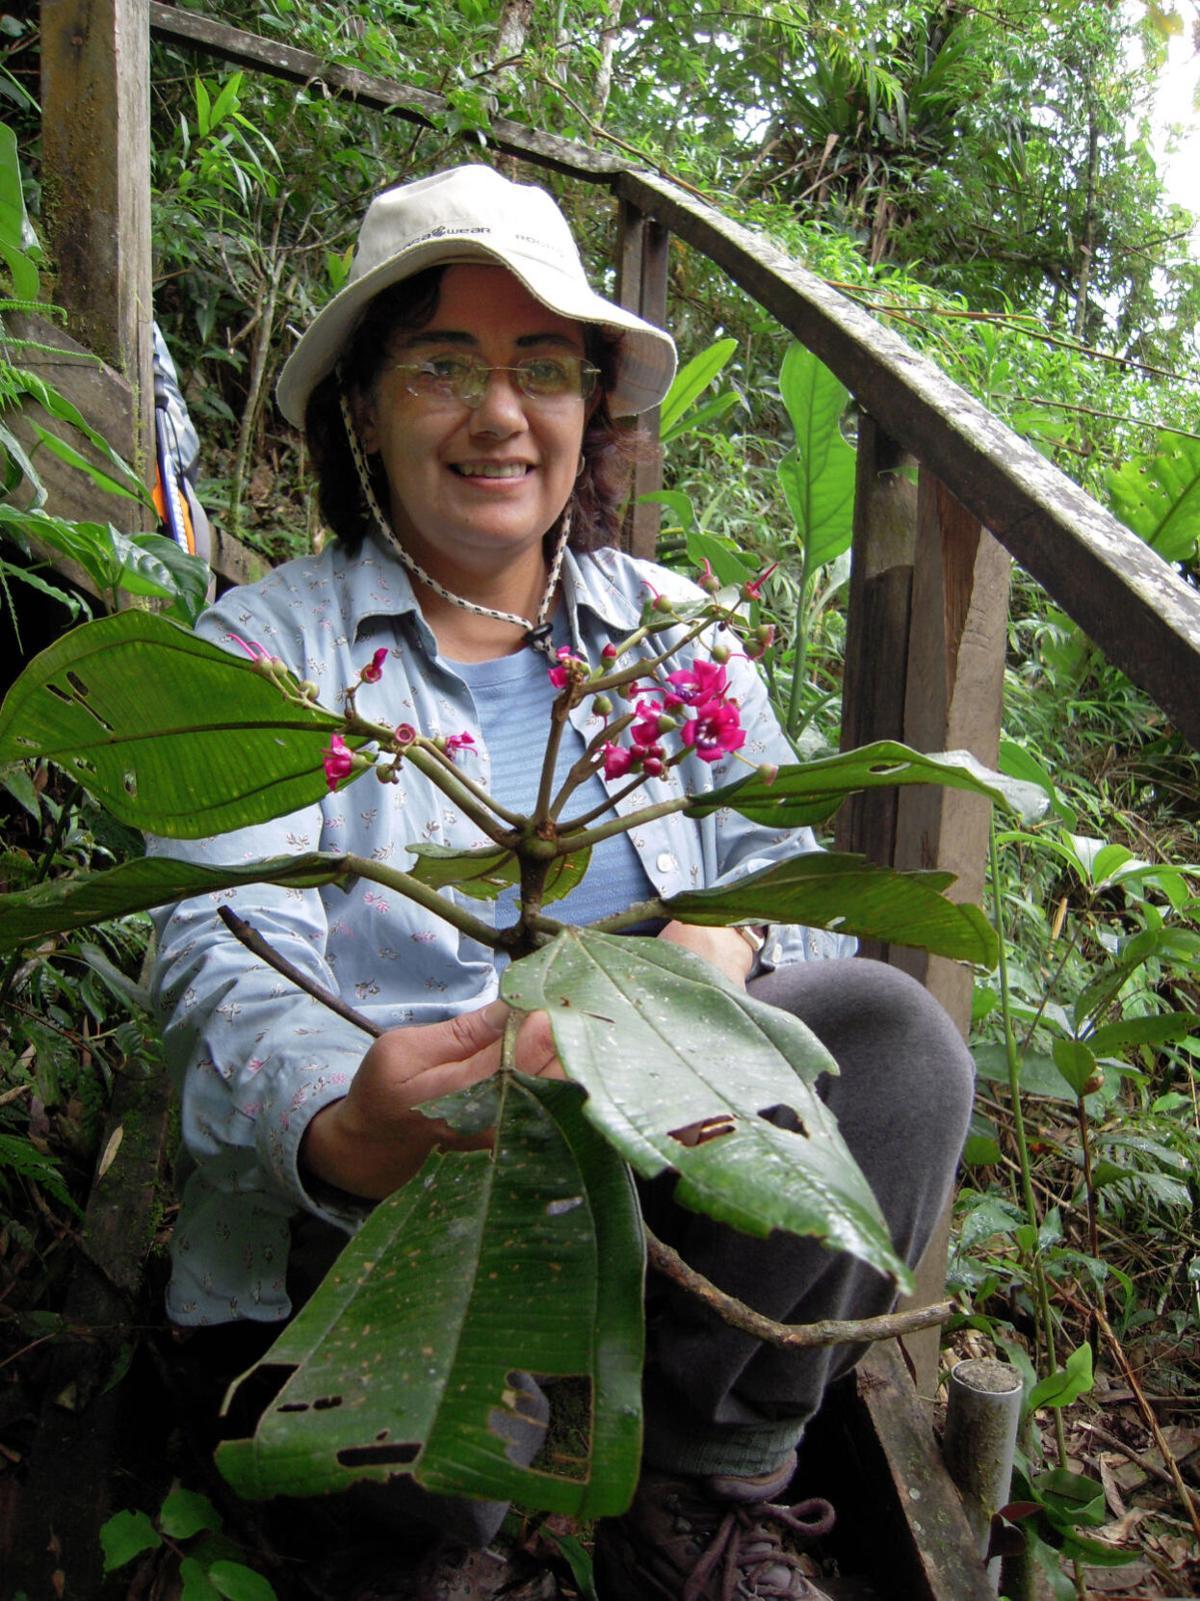 Missouri Botanical Garden researcher Carmen Ulloa